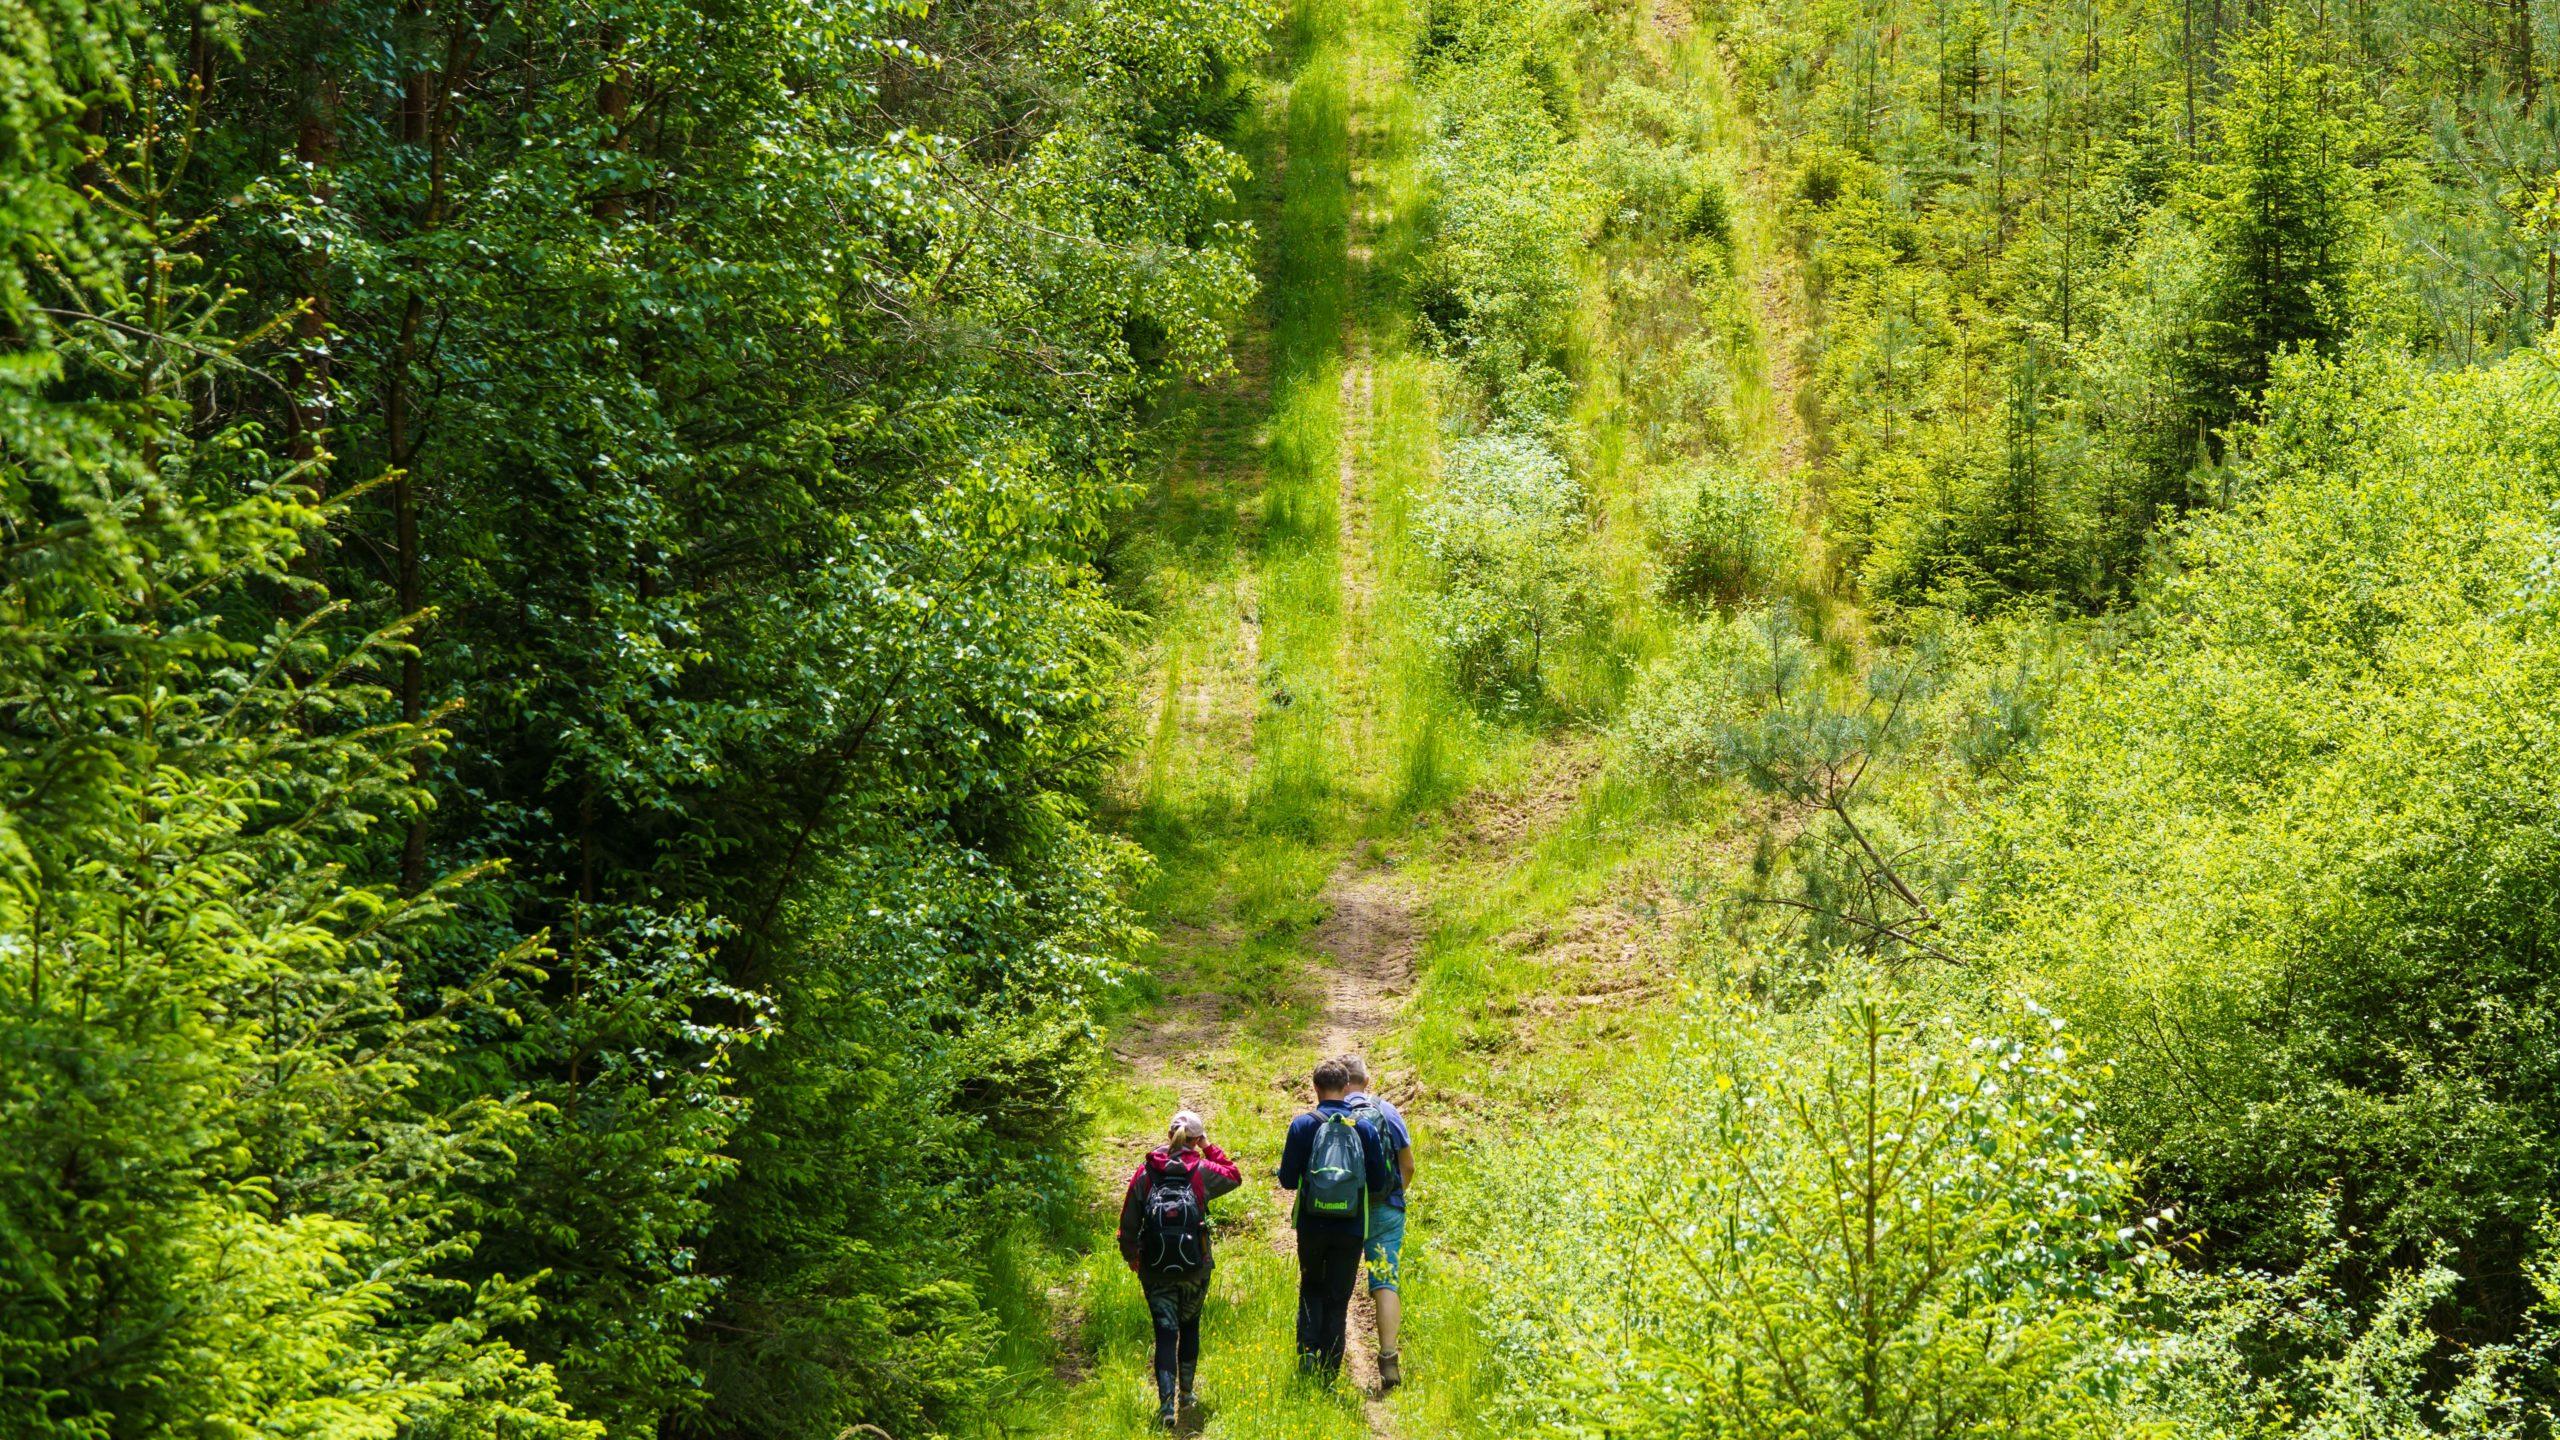 Grenzweg Gerstunger Forst, auf dem Kolonnenweg im Blankenbacher Tal